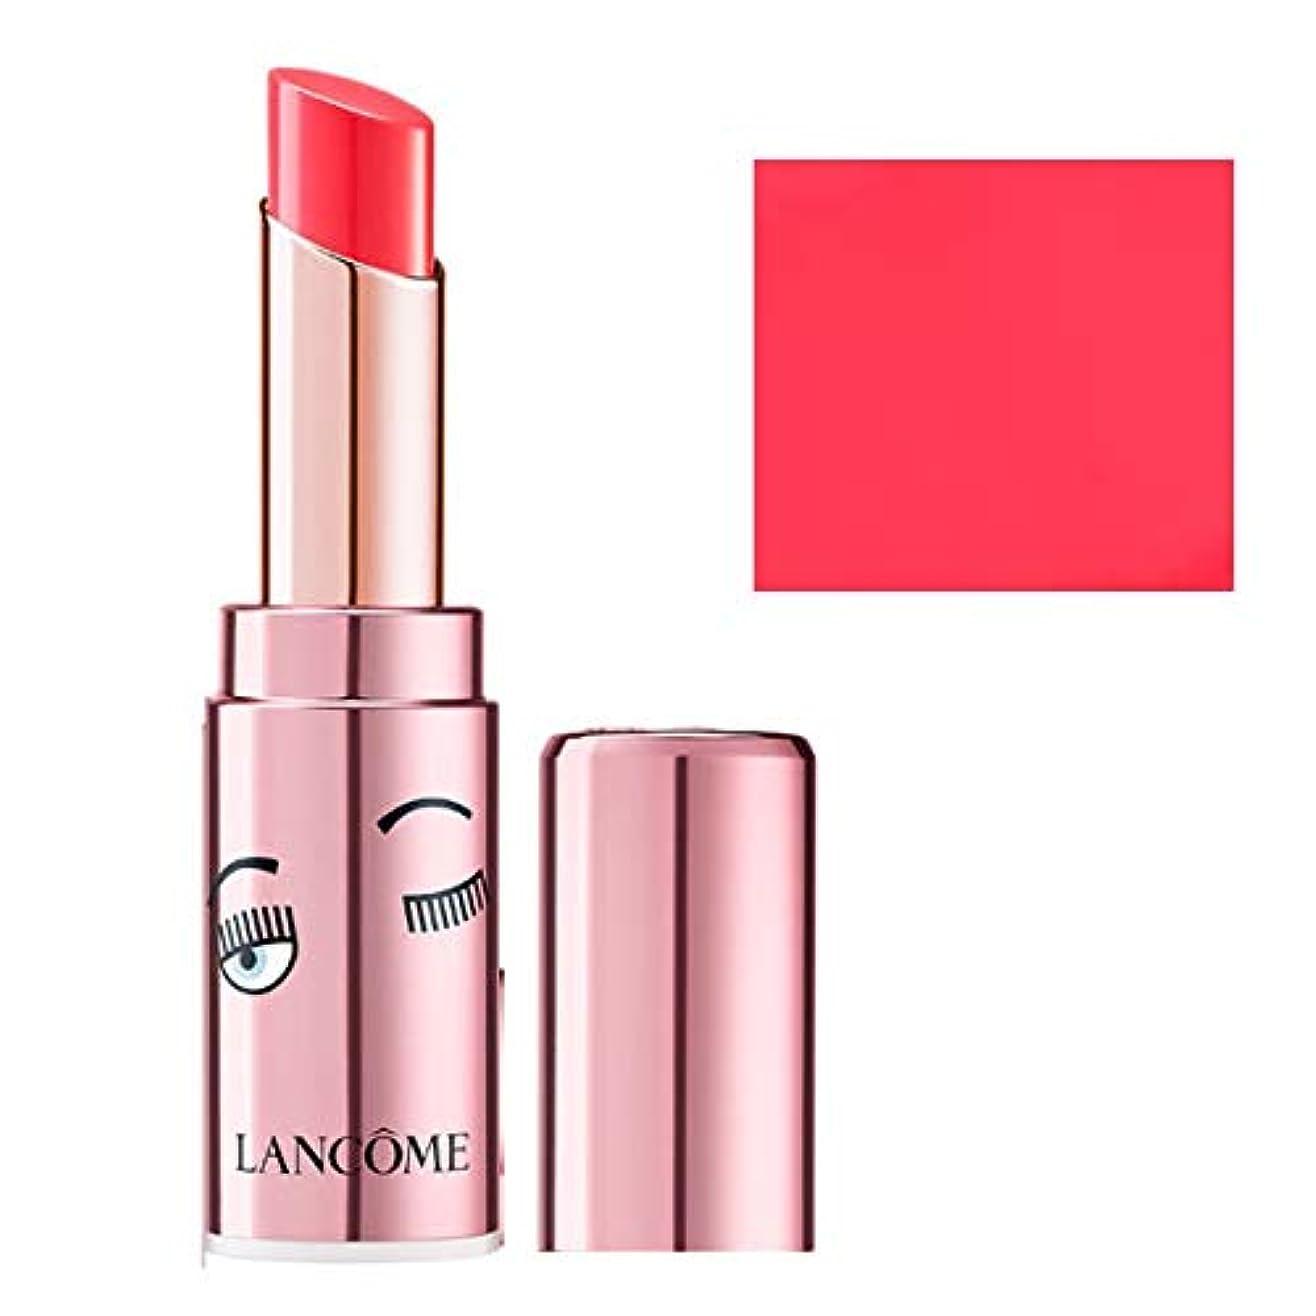 拒絶パンチようこそランコム(LANCOME), 限定版 limited-edition, x Chiara Ferragni L'Absolu Mademoiselle Shine Balm Lipstick - Positive Attitude...